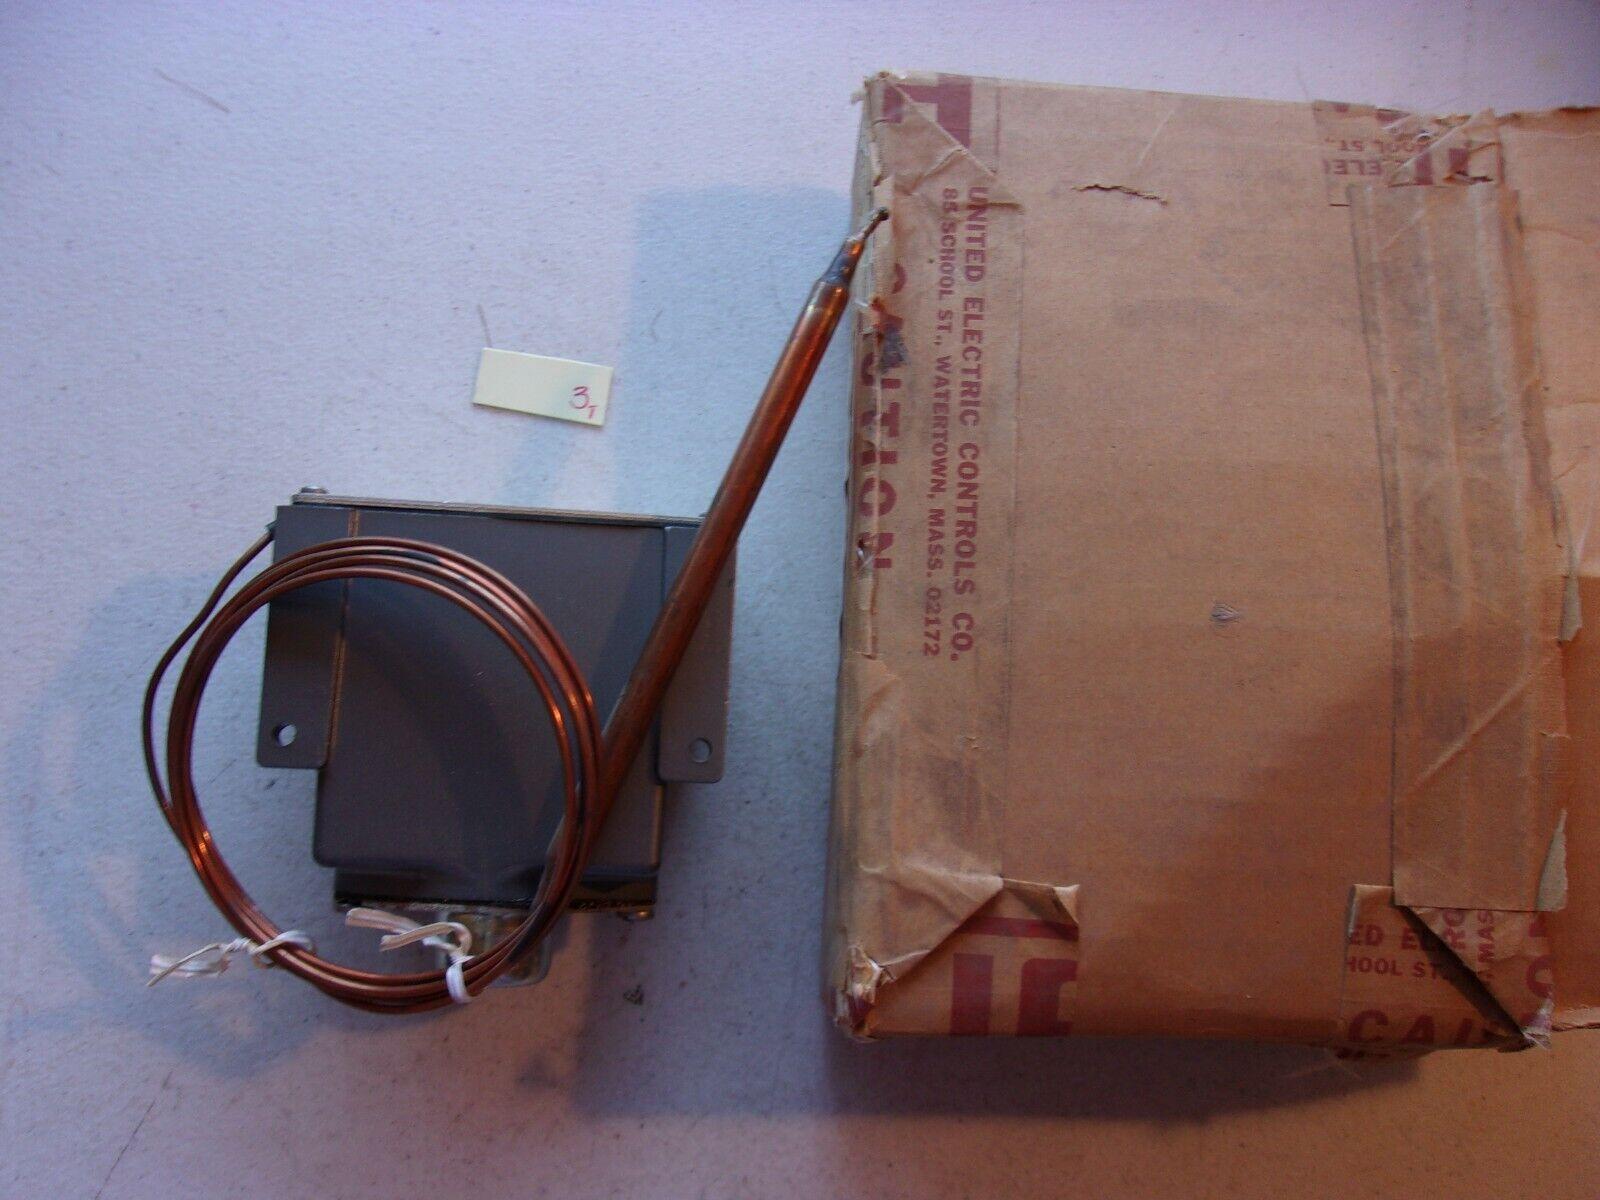 NEW IN BOX UE 55 REMOTE MOUNTING TEMPERATURE SWITCH E55 E21BC 9068 (249)